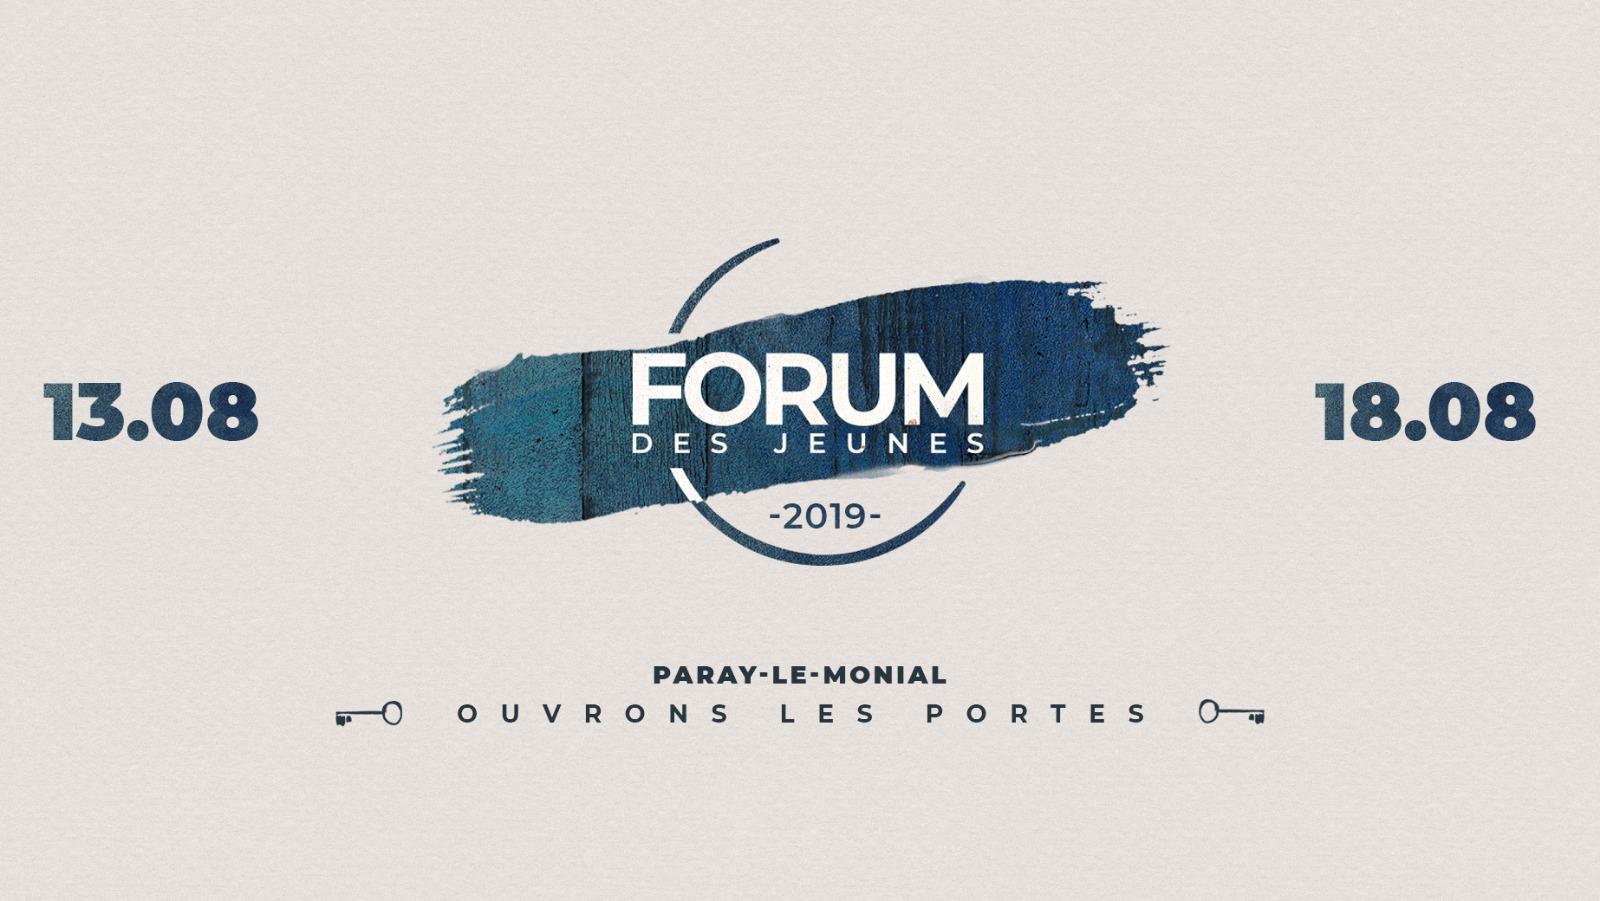 Forum des jeunes 2019